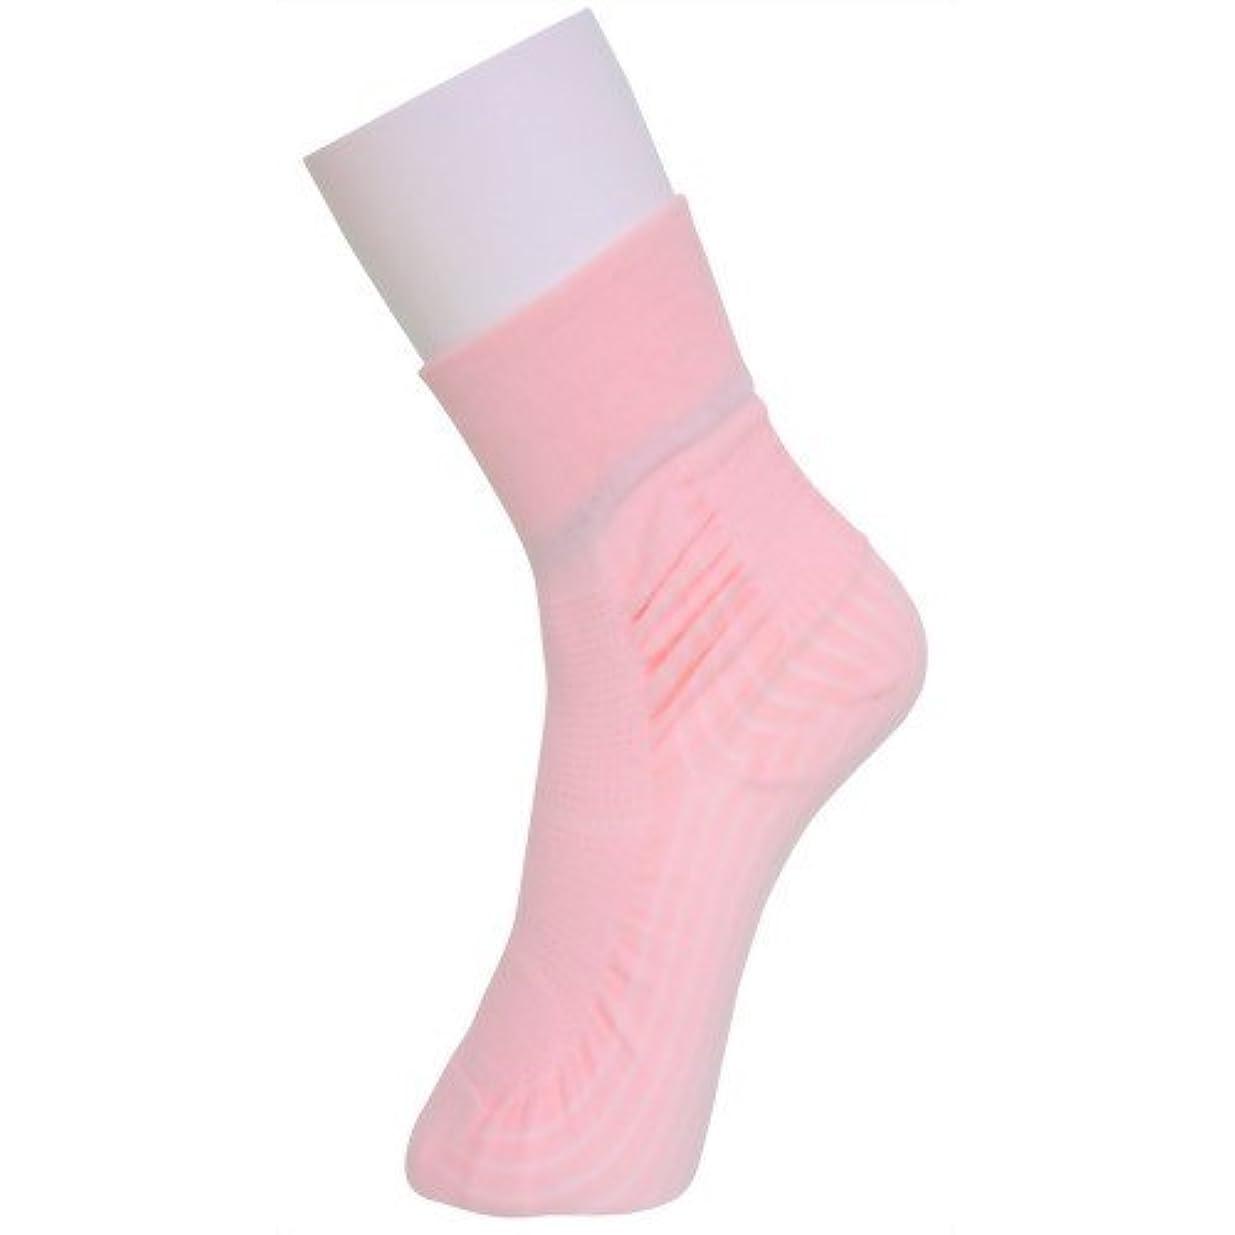 意味する従うバー転倒予防靴下 アガルーノ 同色?同サイズ 2枚組 (22-23cm, ピンク)